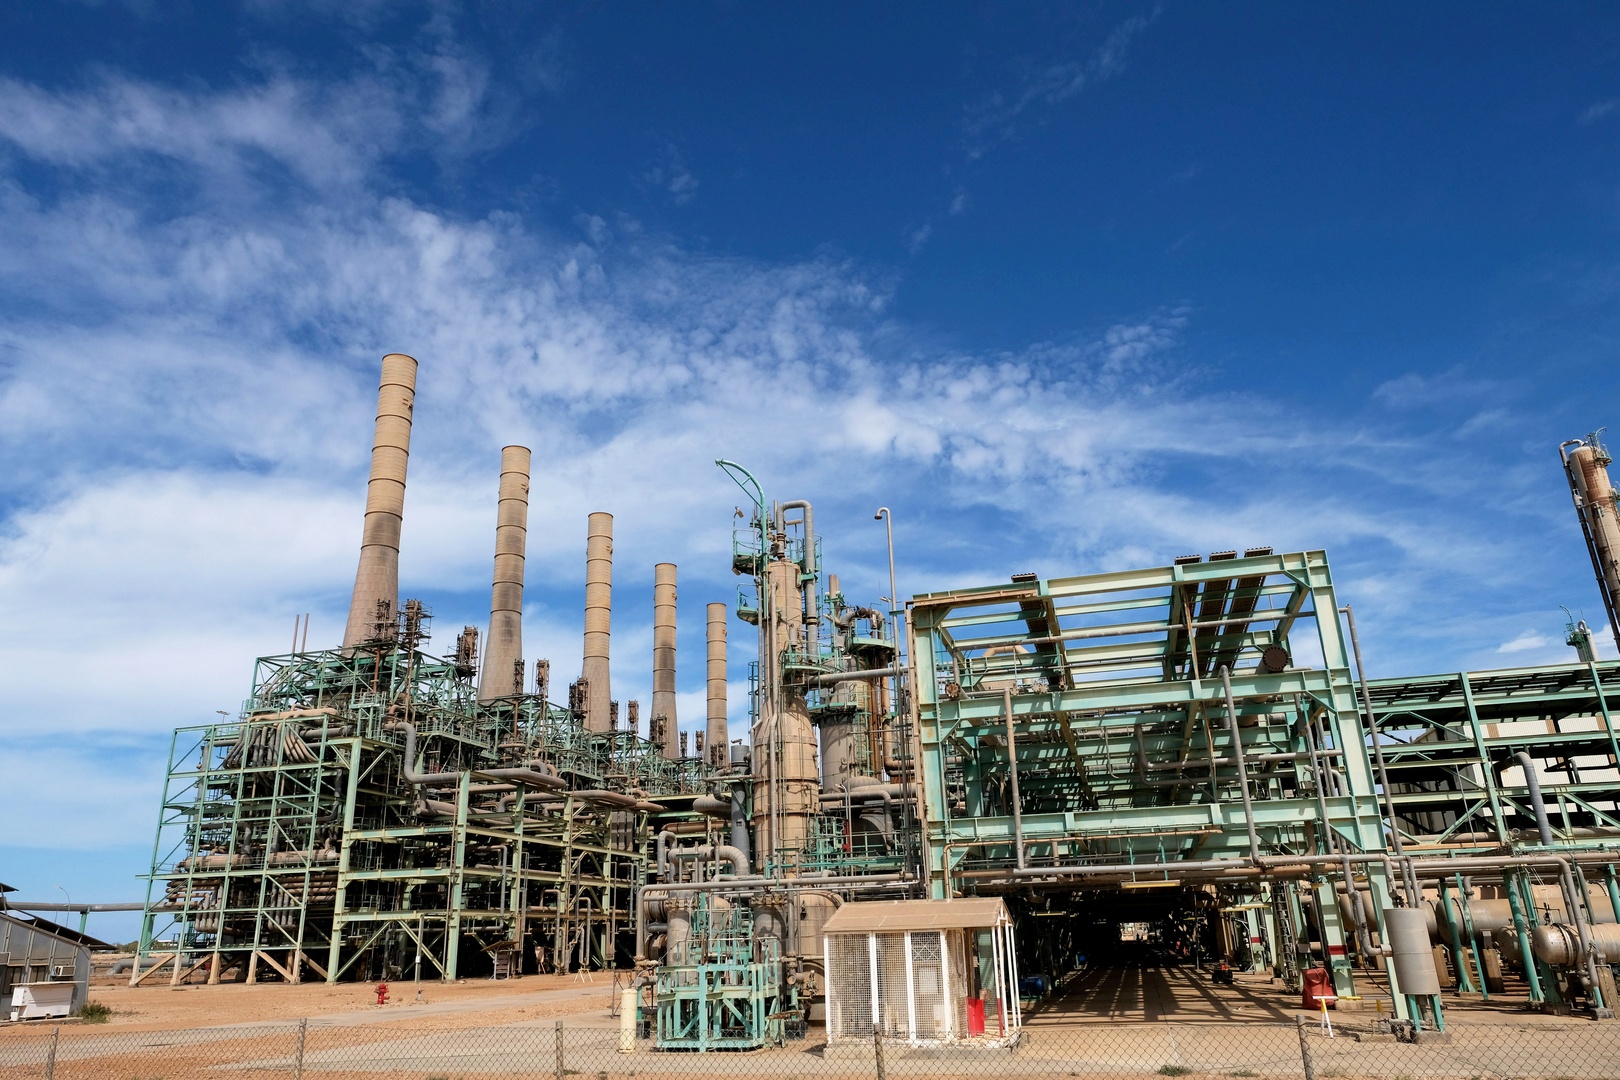 الأمم المتحدة تحذر من عواقب تعطيل الإنتاج النفطي في ليبيا